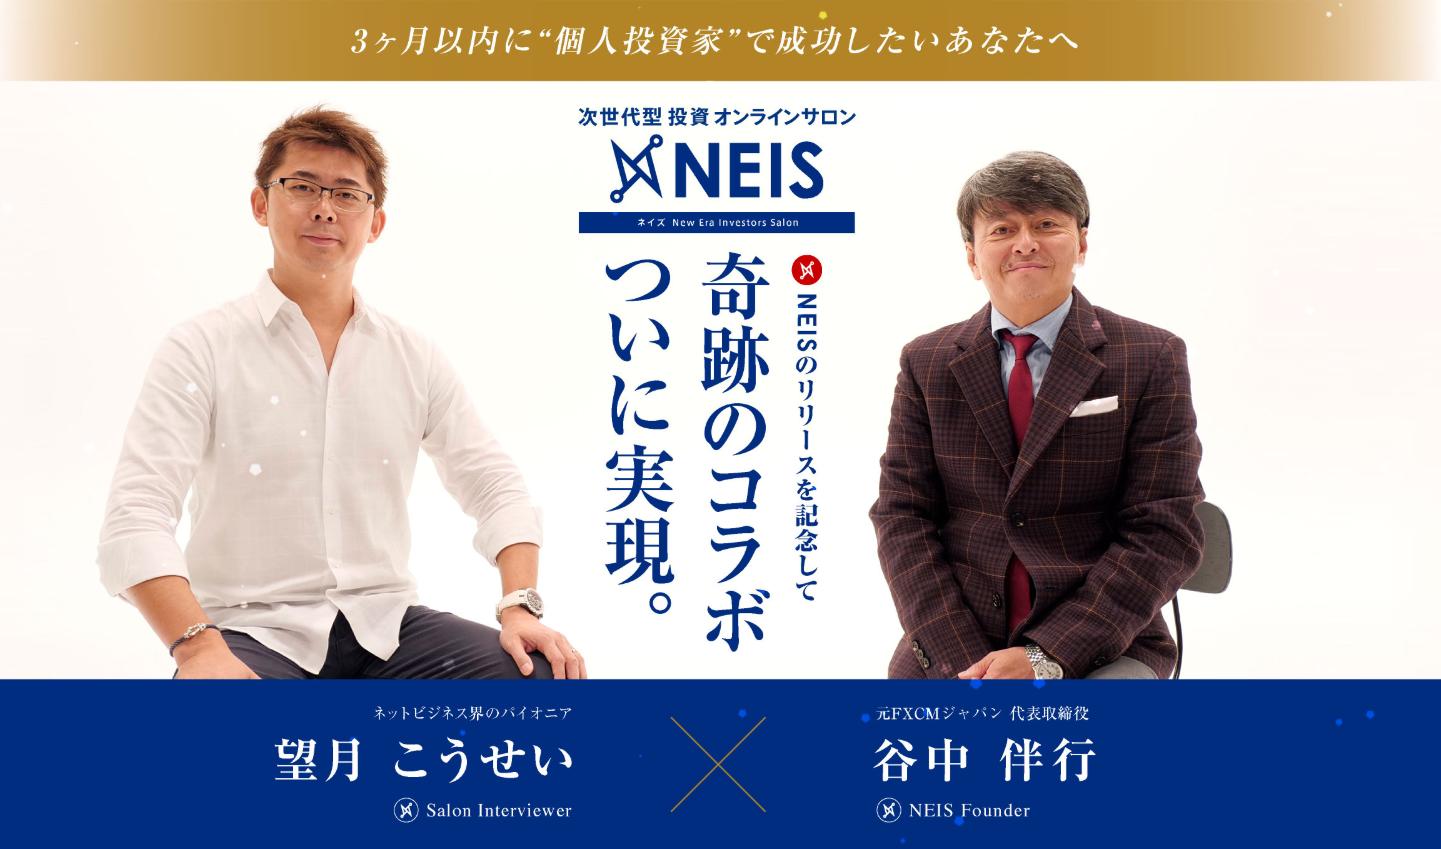 ネイズ(NEIS)|望月こうせいは本当に稼げるのか?特徴・口コミ評判について